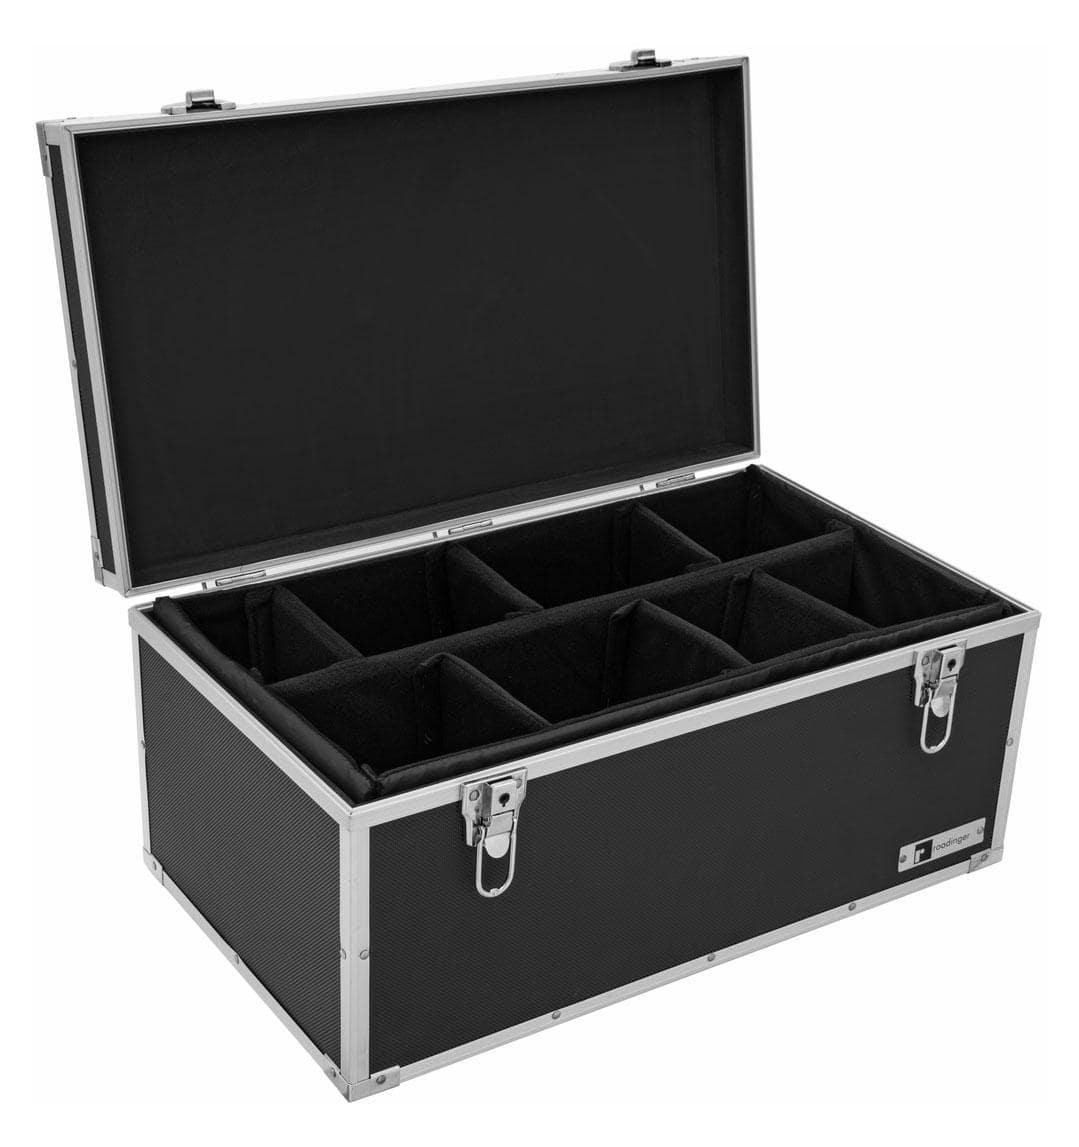 Studiozubehoer - Roadinger TDV 1 Universal Koffer Case - Onlineshop Musikhaus Kirstein